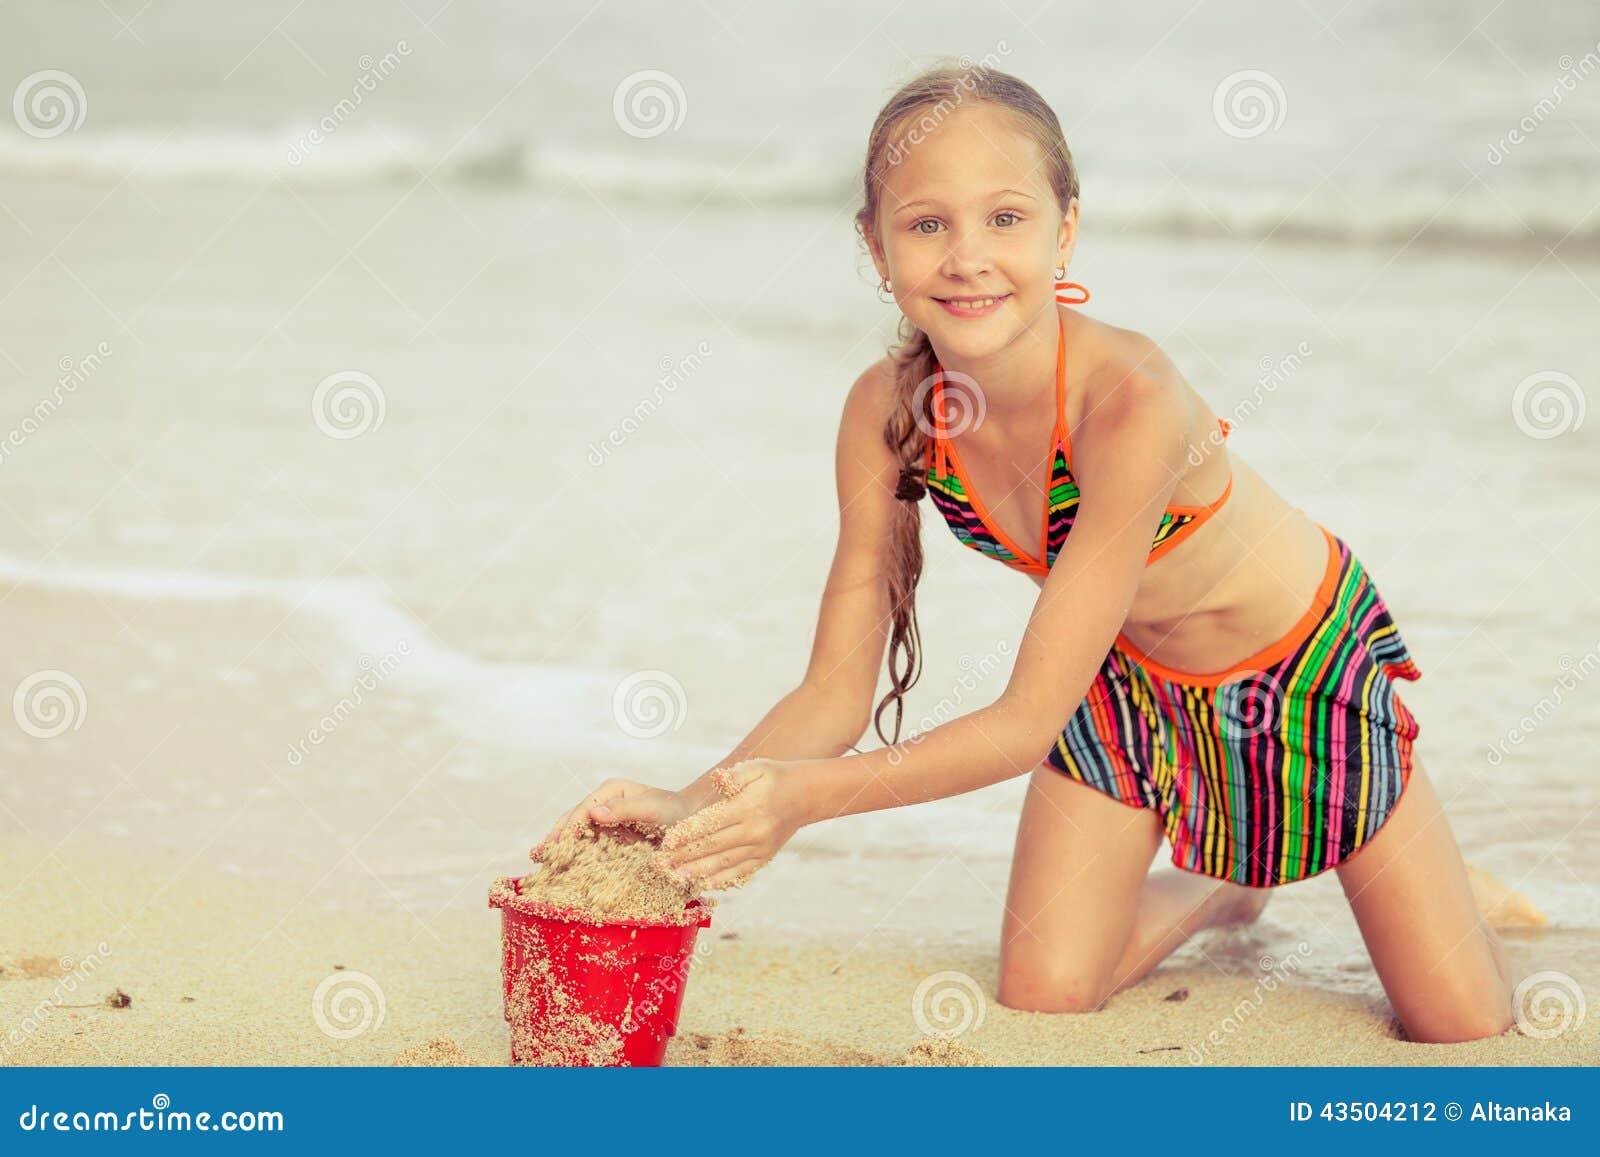 Beach Toys For Girls : Little teen in bikini images usseek